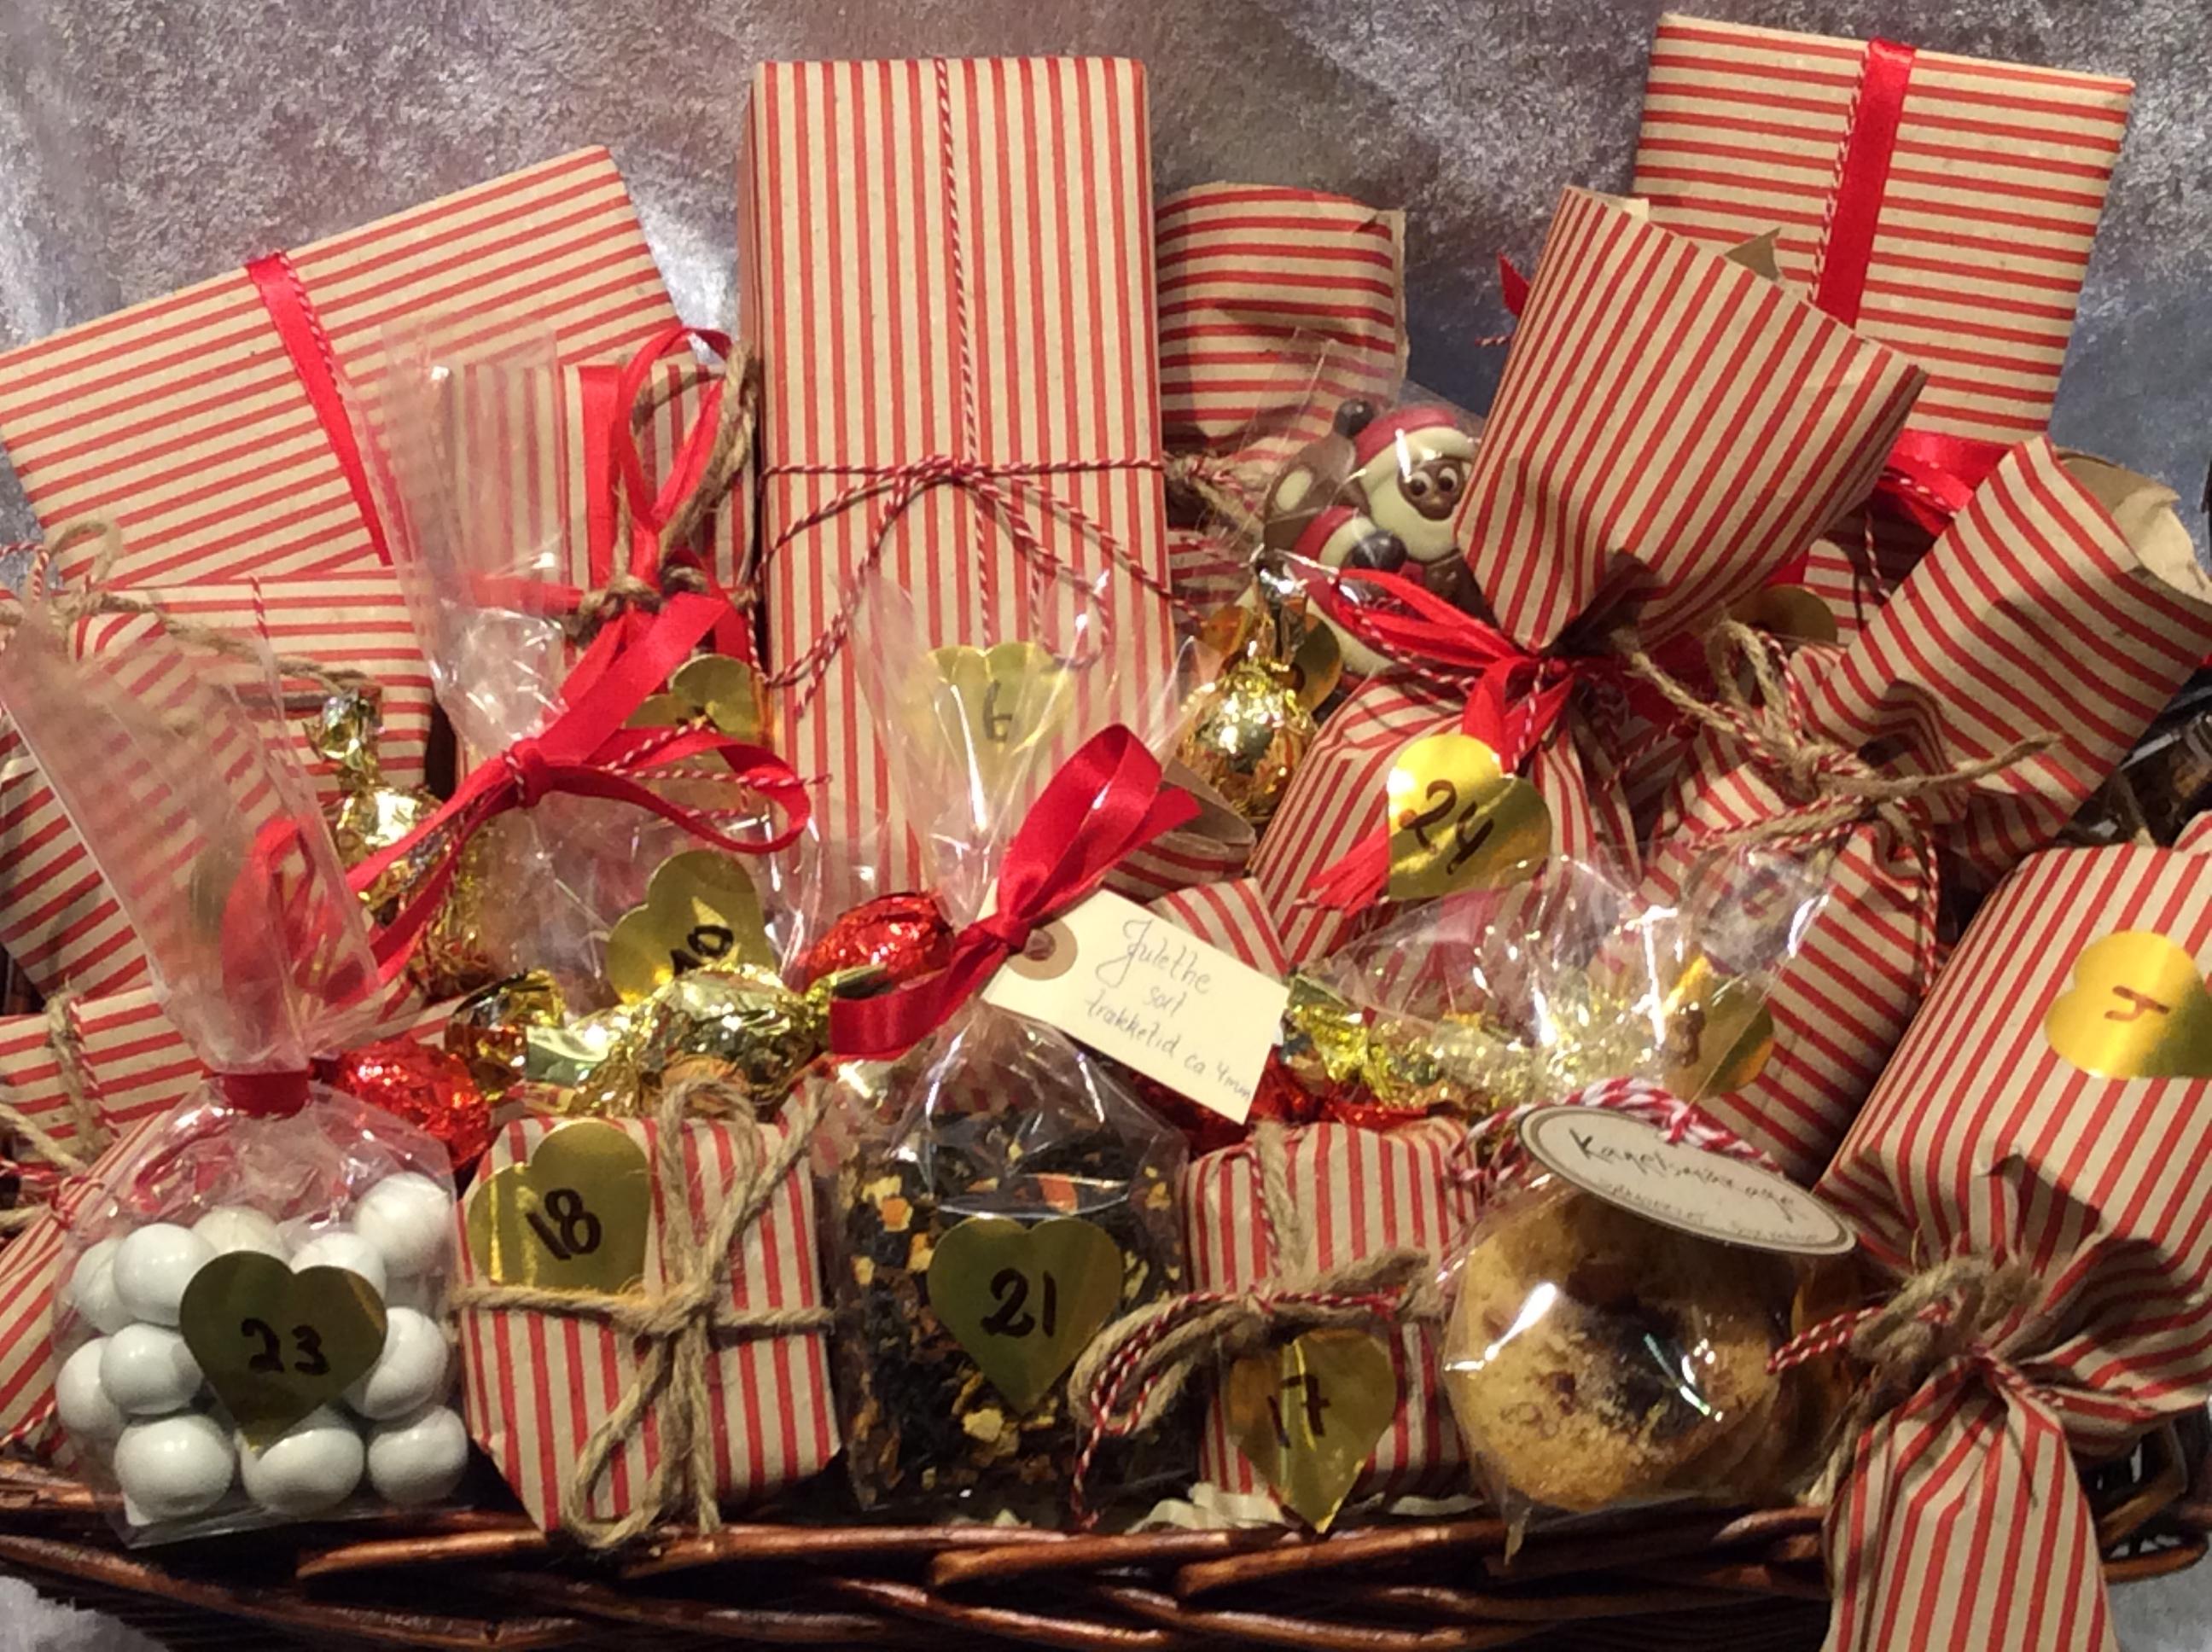 julekalender med gaver